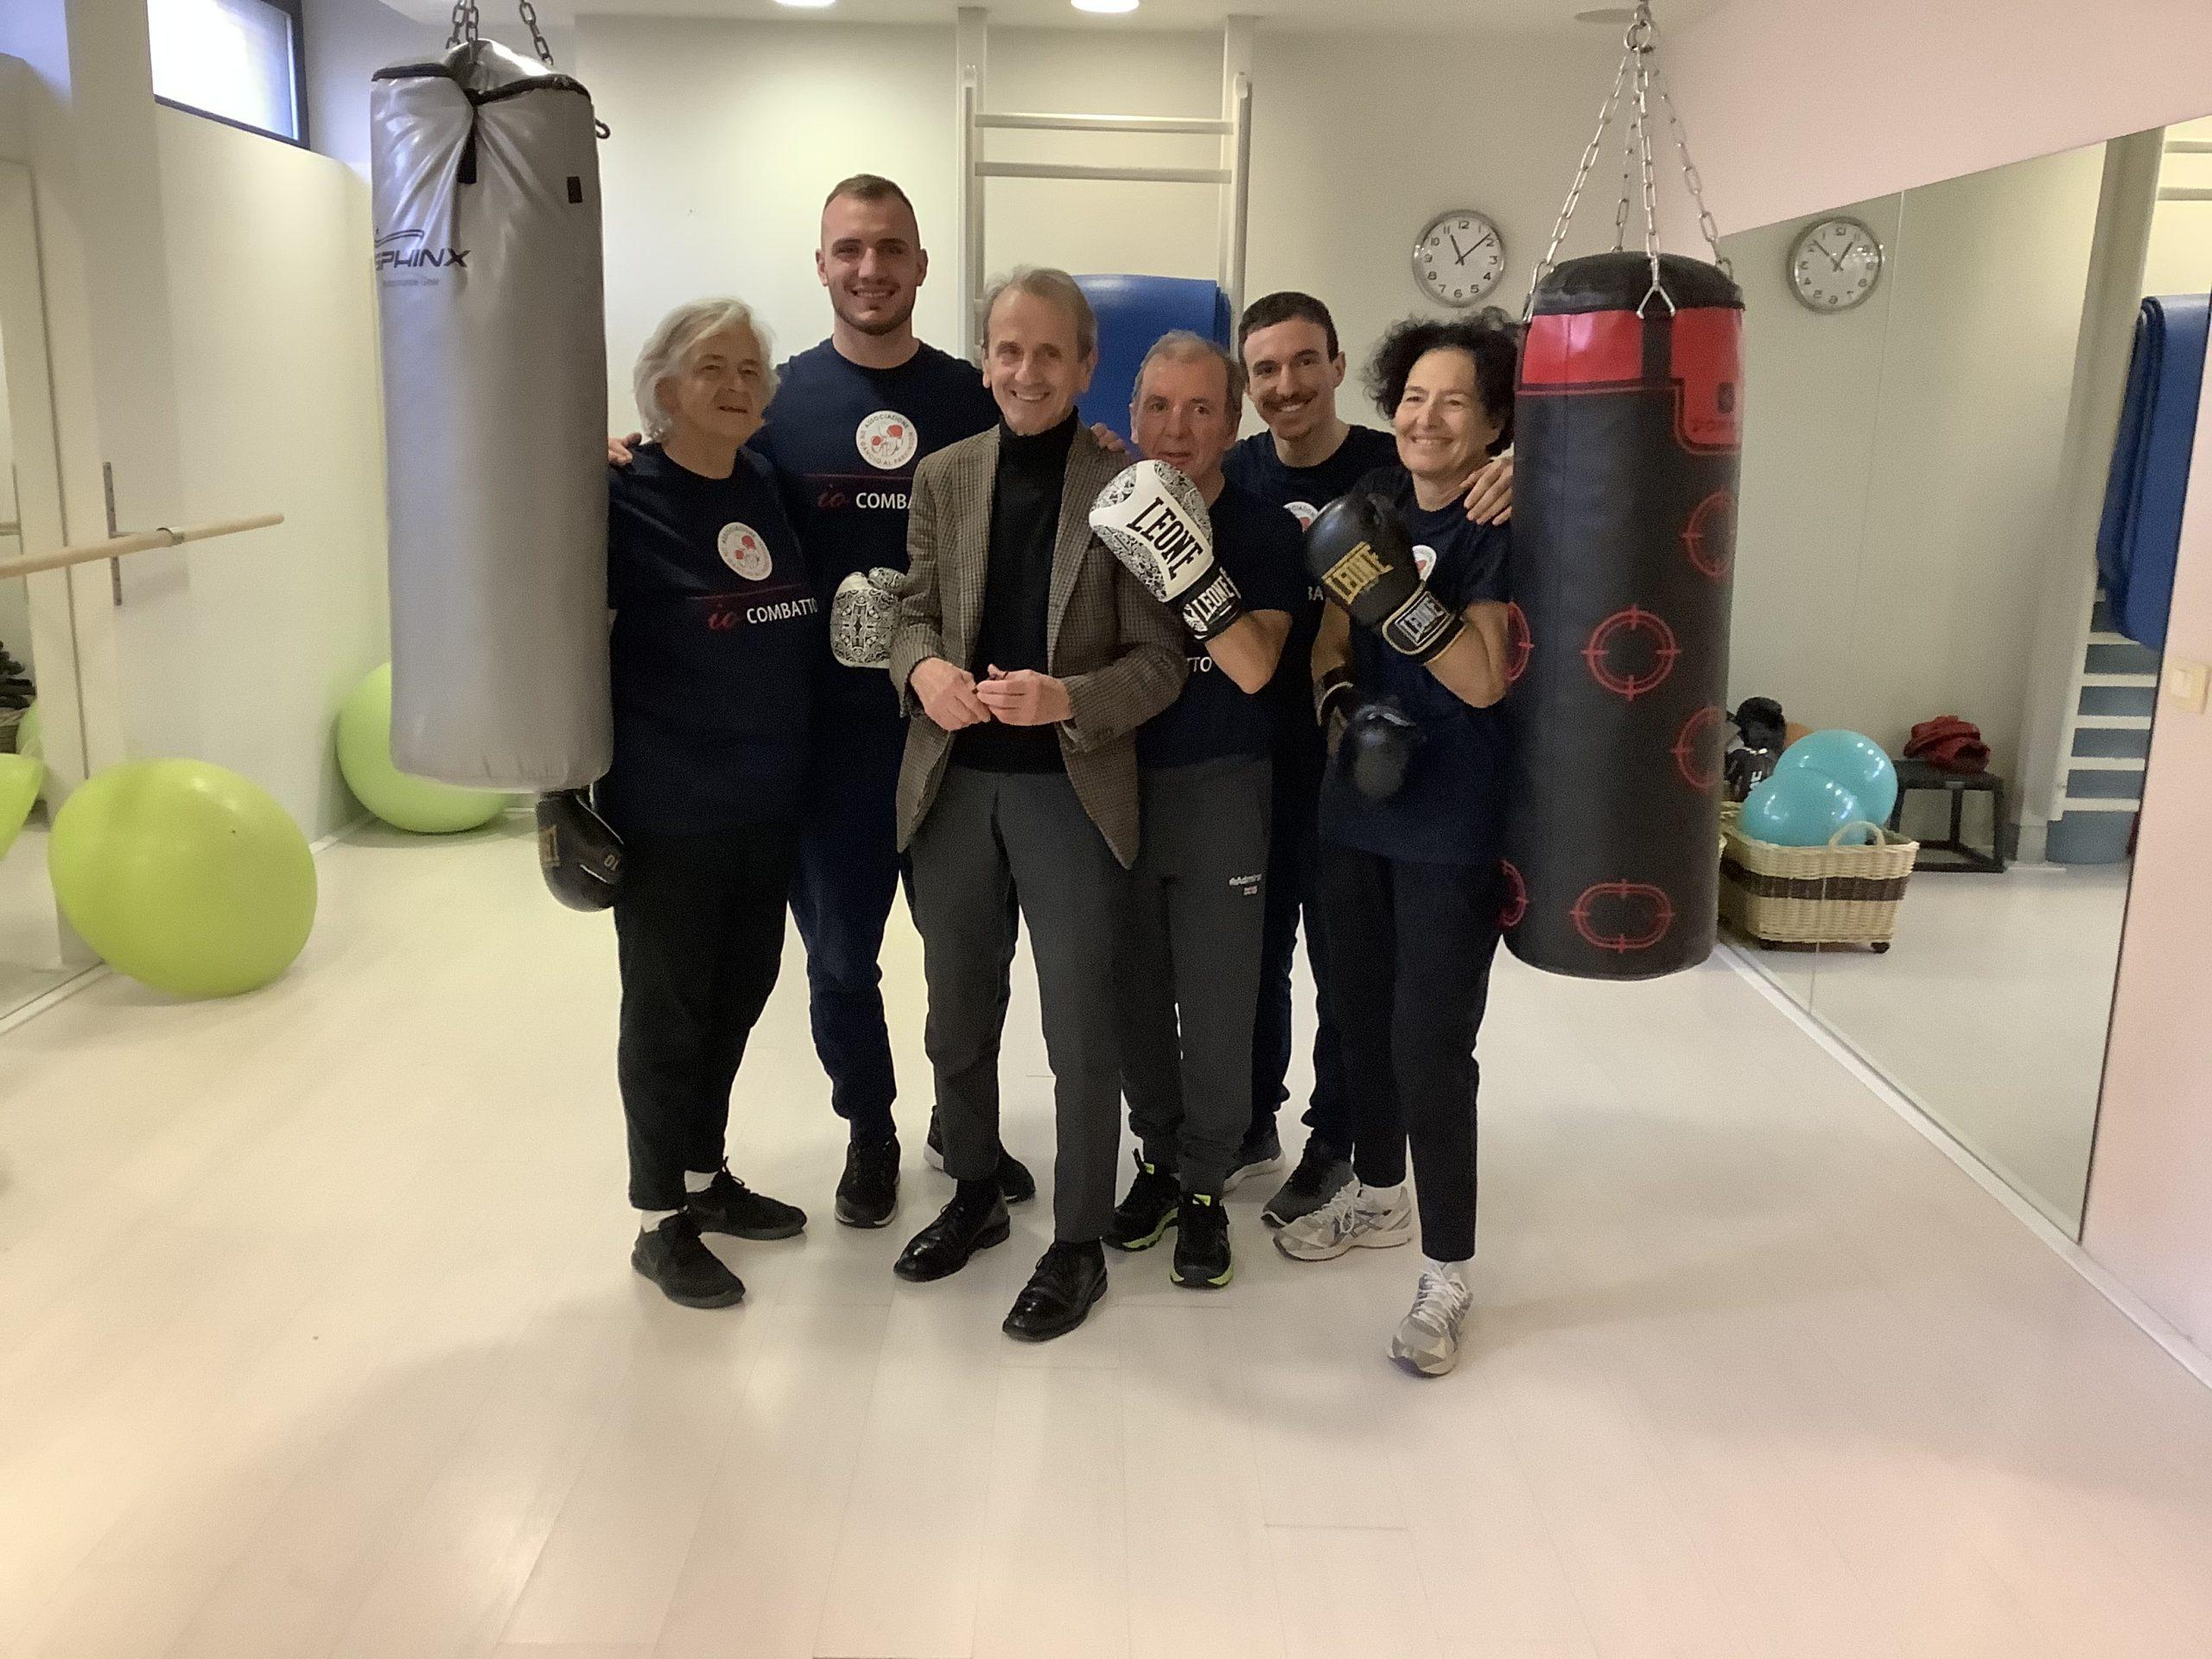 Un Campione di Boxe al Training Lab Firenze - Un Gancio Al Parkinson